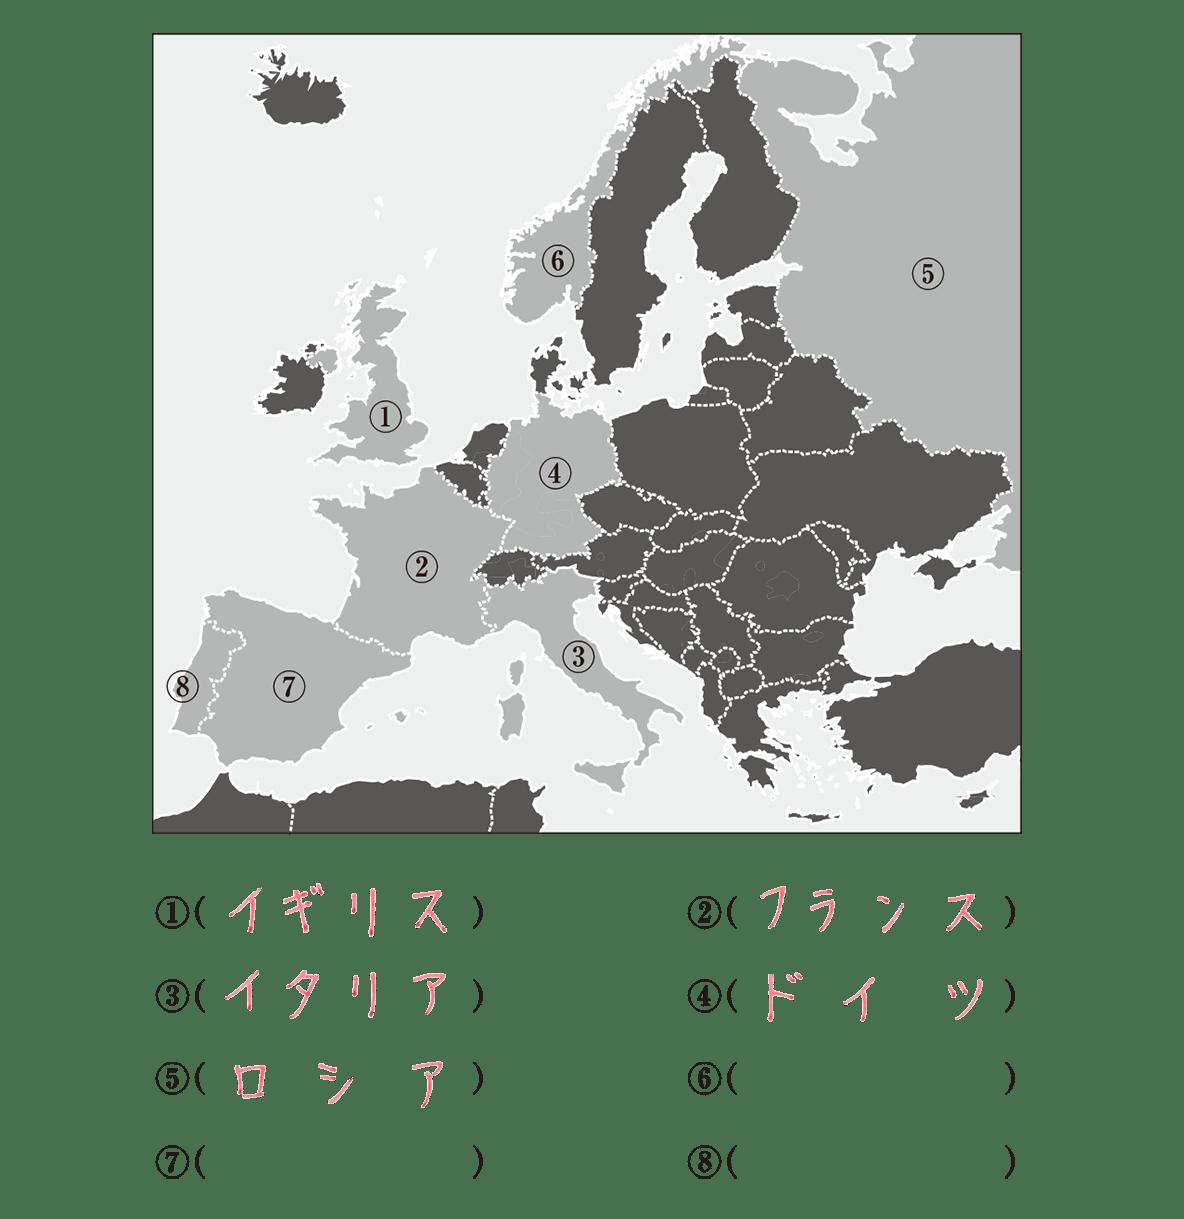 中学地理17 練習 英・仏・伊(①~⑤)のみ答え入り